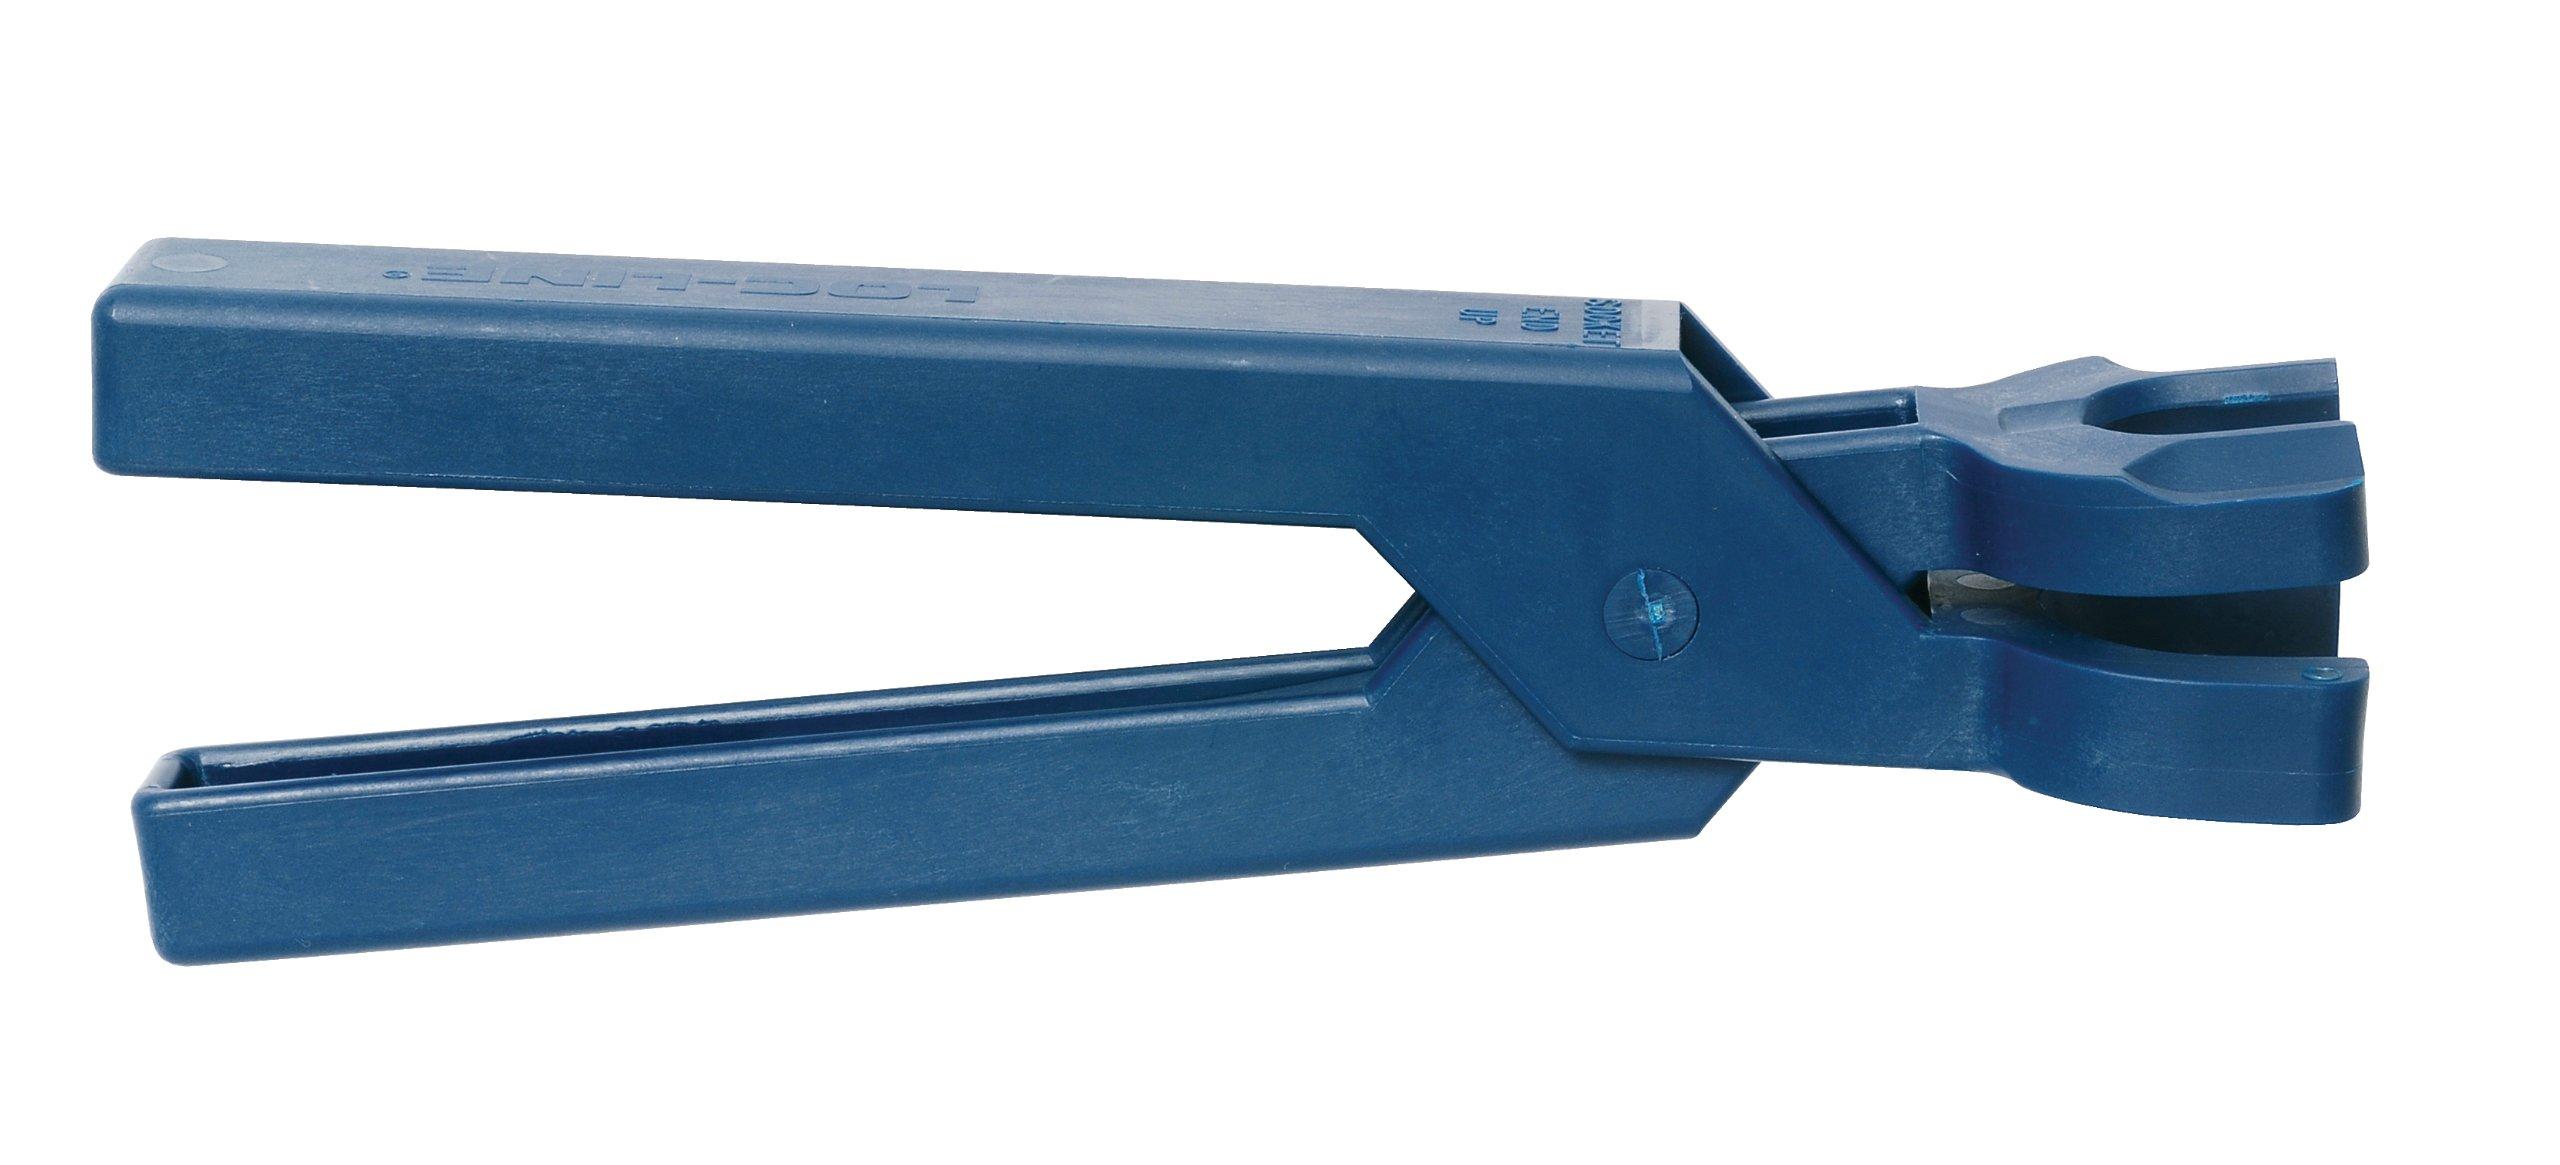 Loc-Line Hose Assembly Pliers